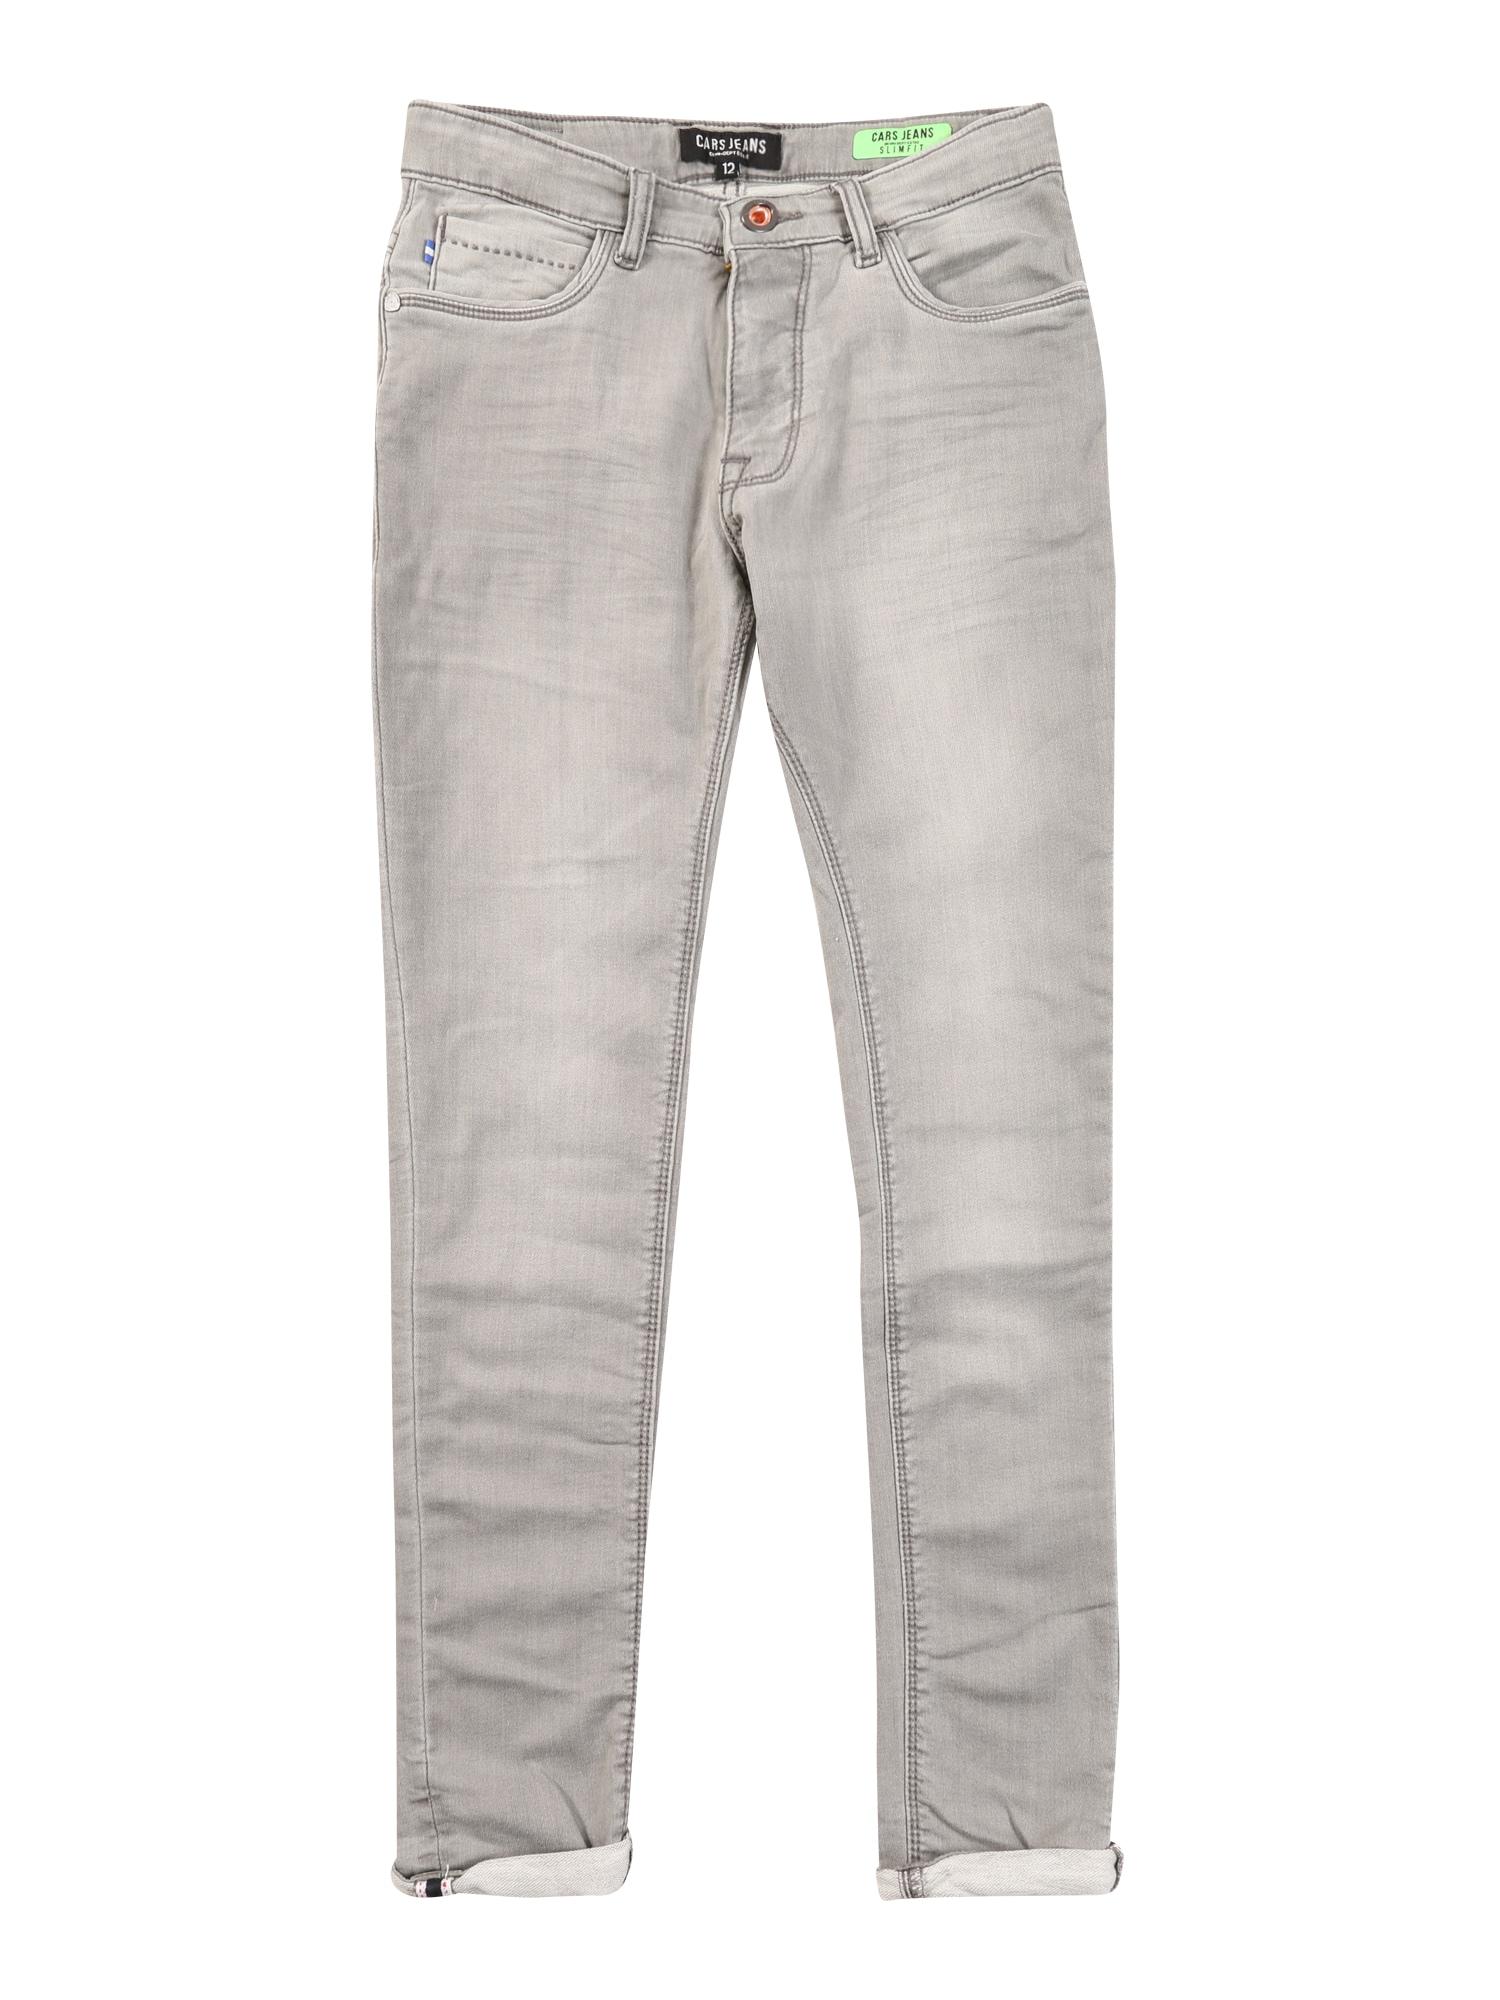 Cars Jeans Džinsai 'ABURGO' pilko džinso